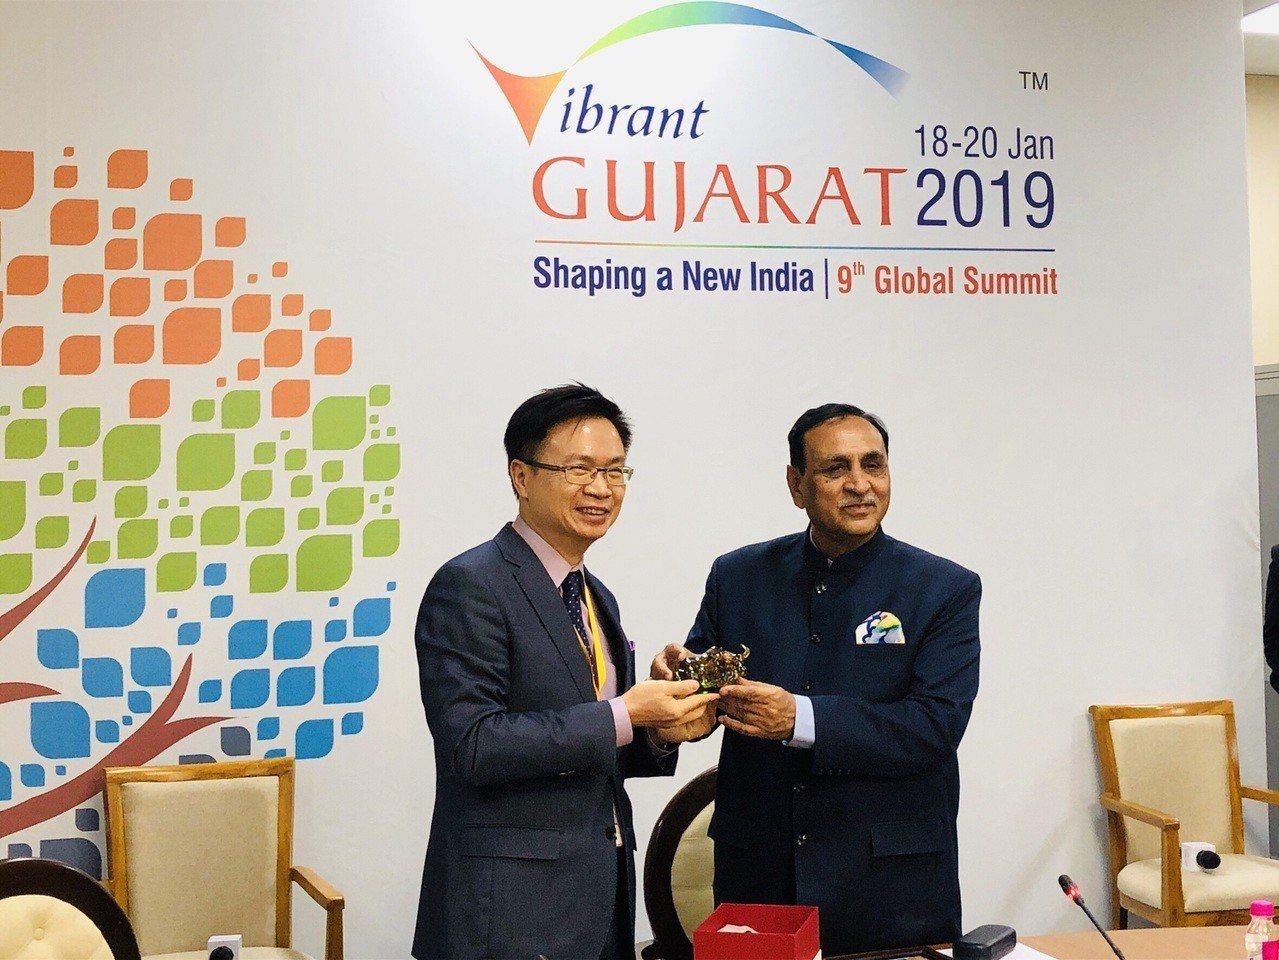 印度古吉拉特州州長Mr. Vijay Rupani(右)親自接見由外貿協會董事長...